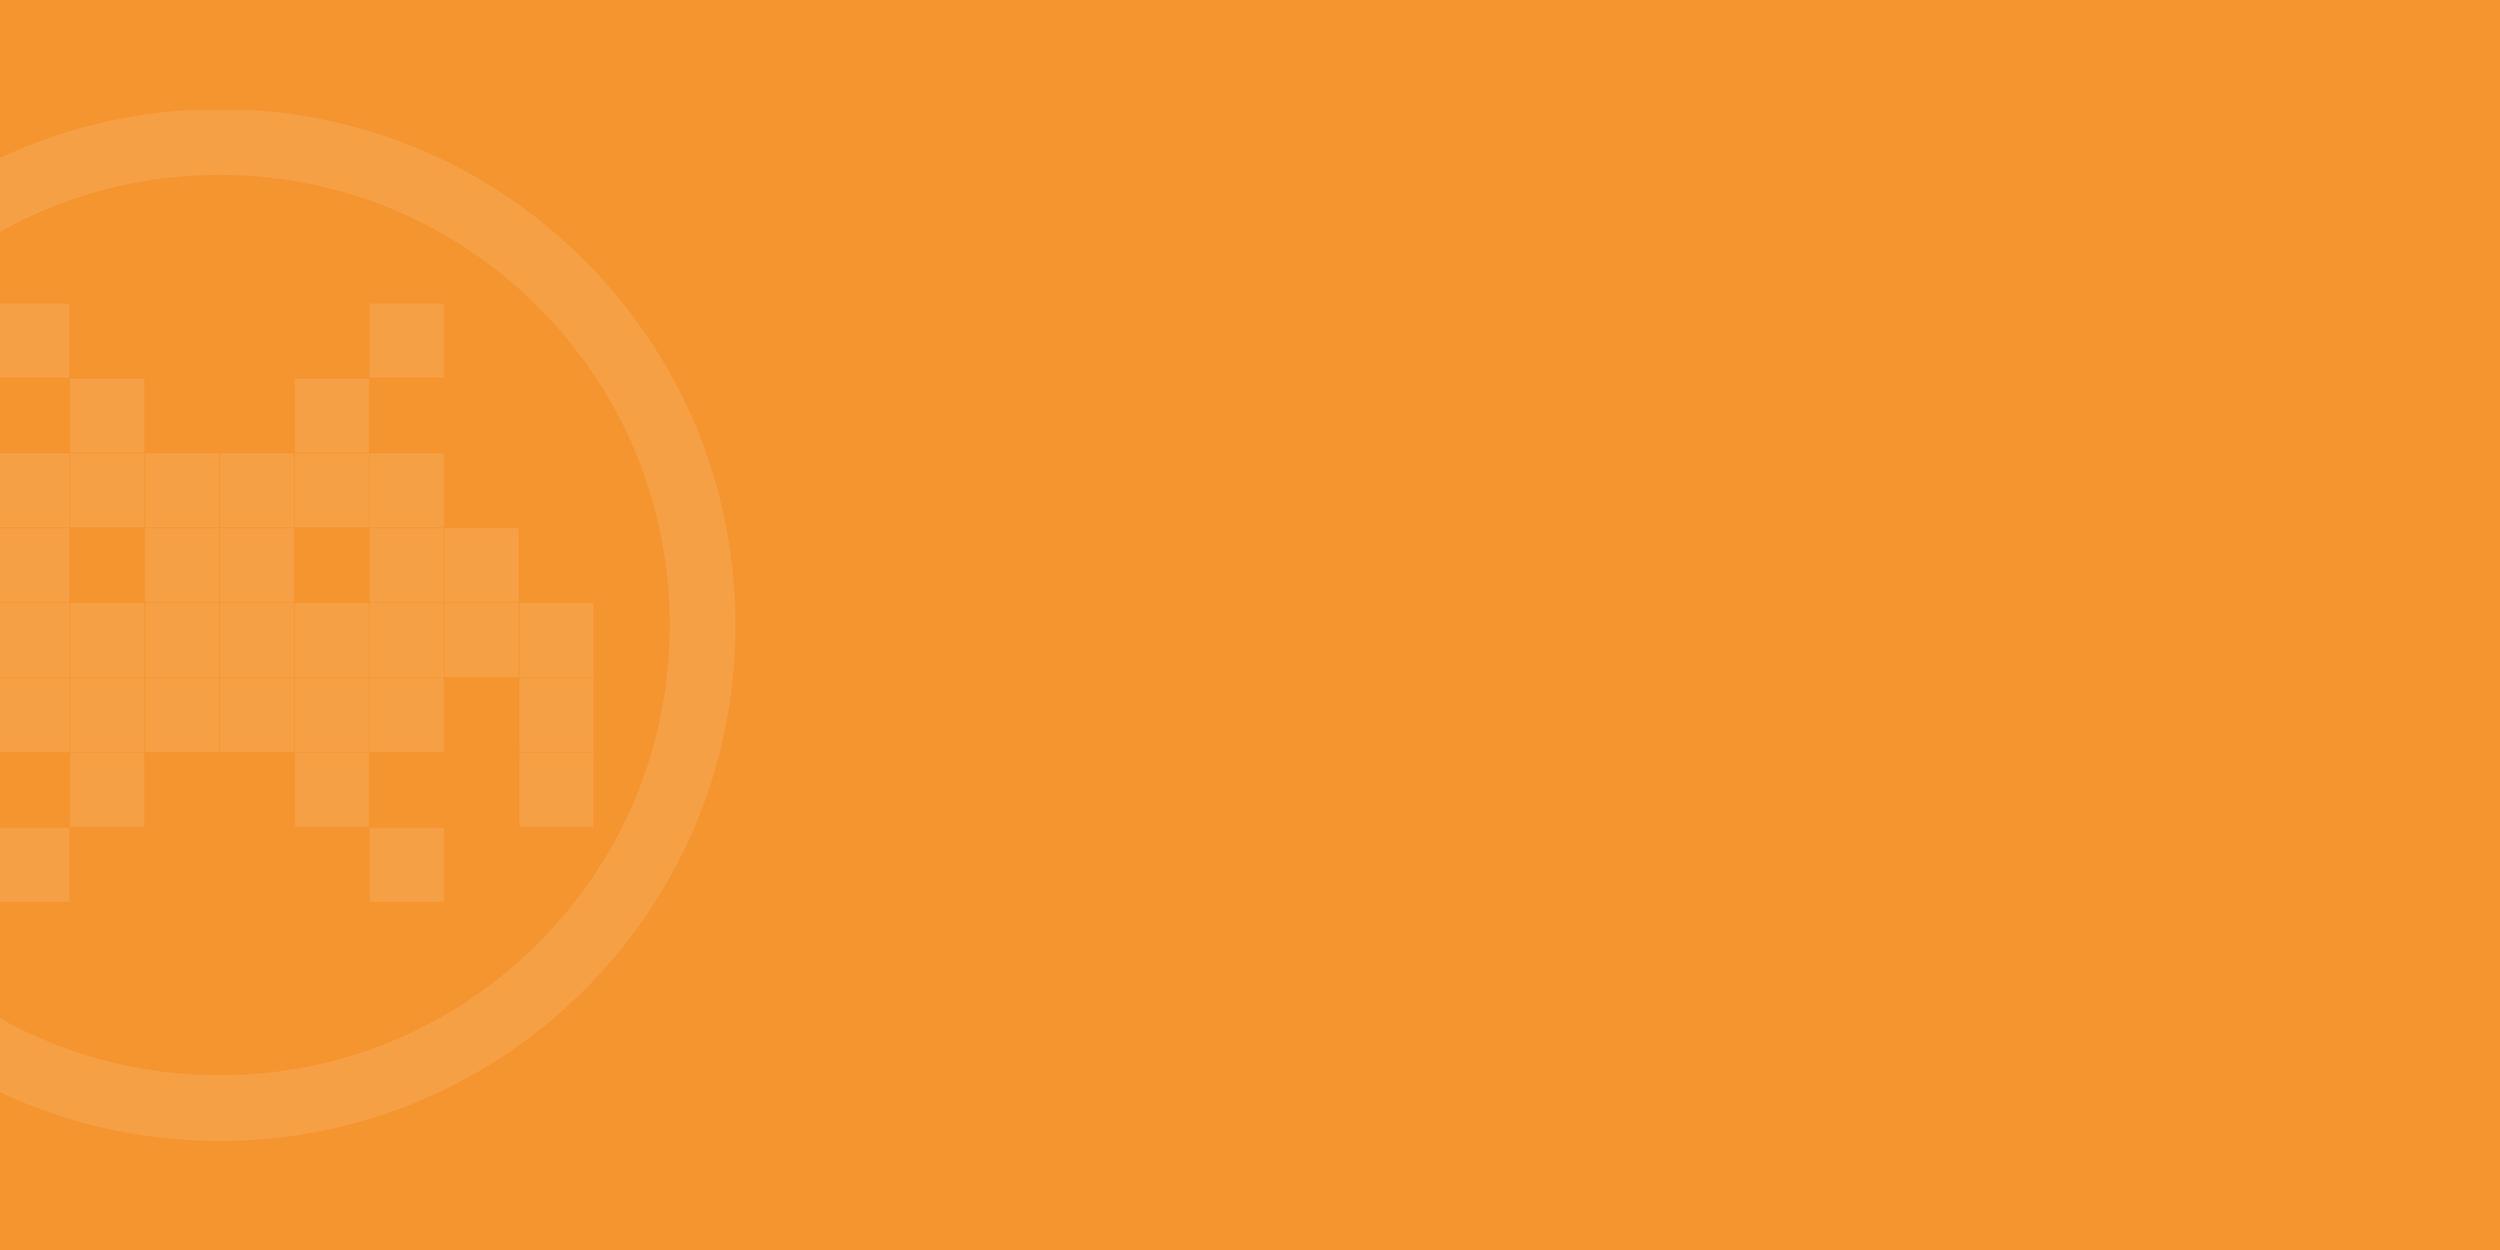 SGC-Orange-BG.png